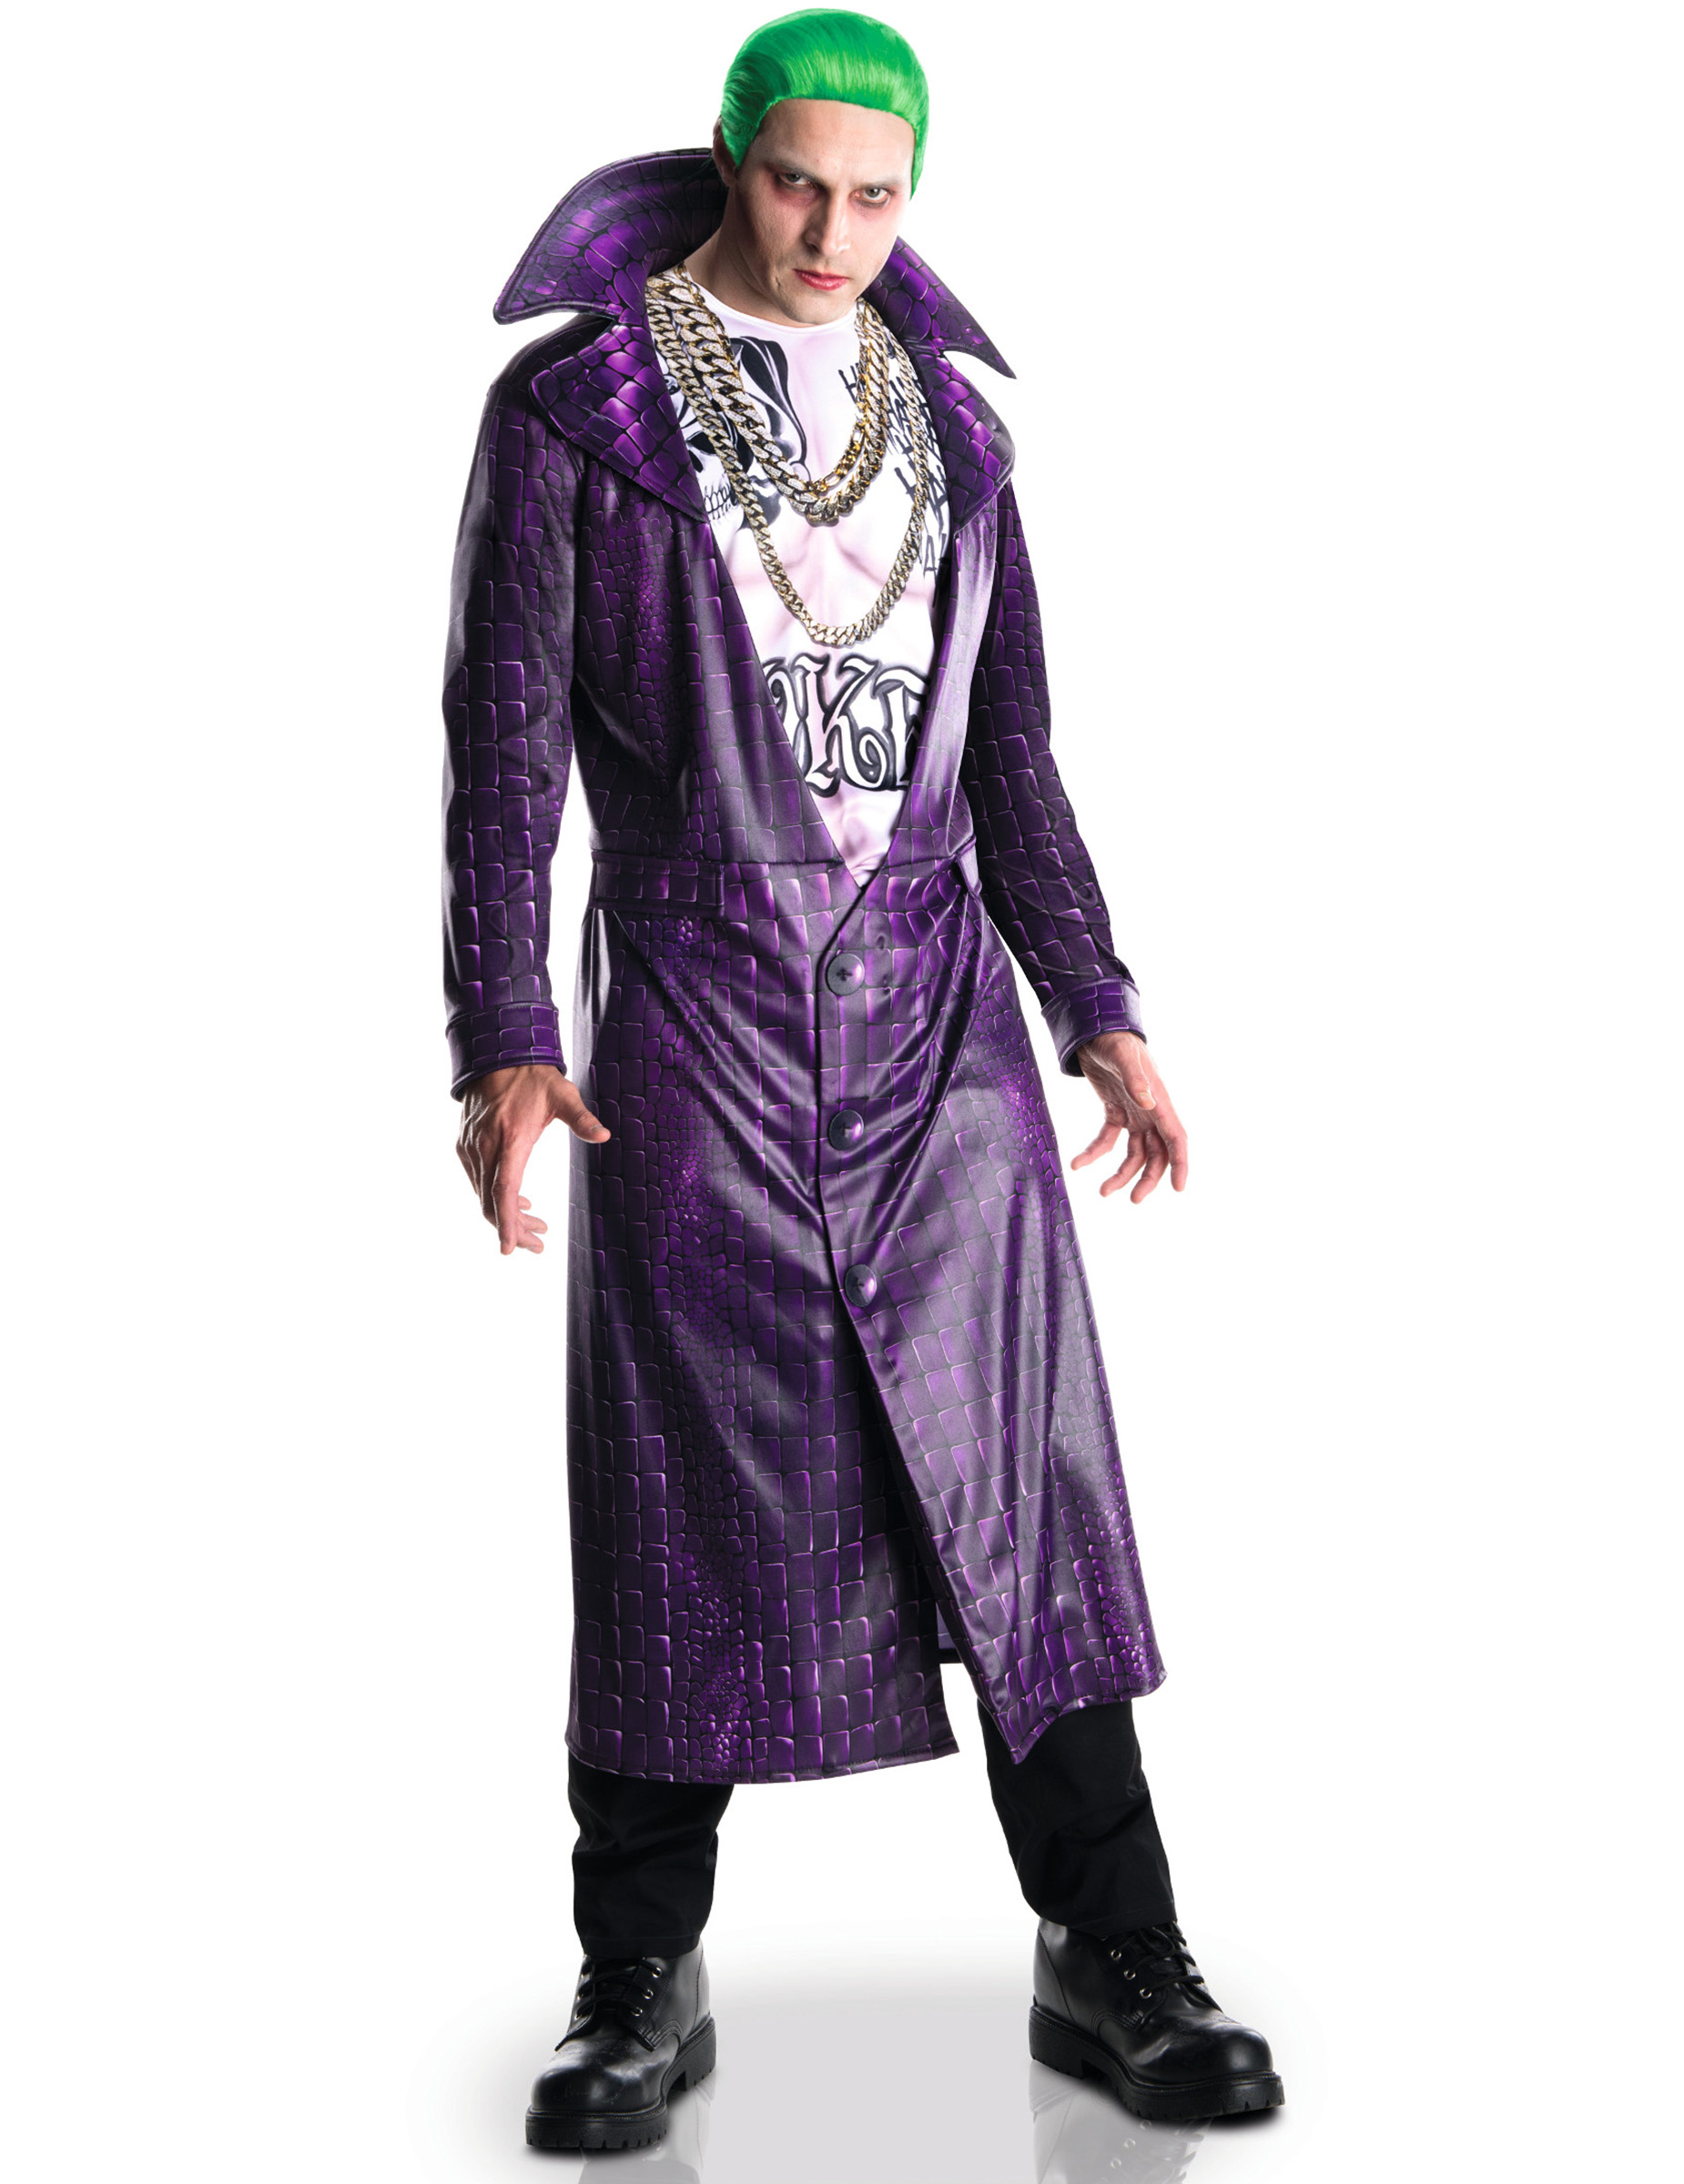 Disfraces adultos Carnaval Escuadrón Suicida™, venta de trajes de ...